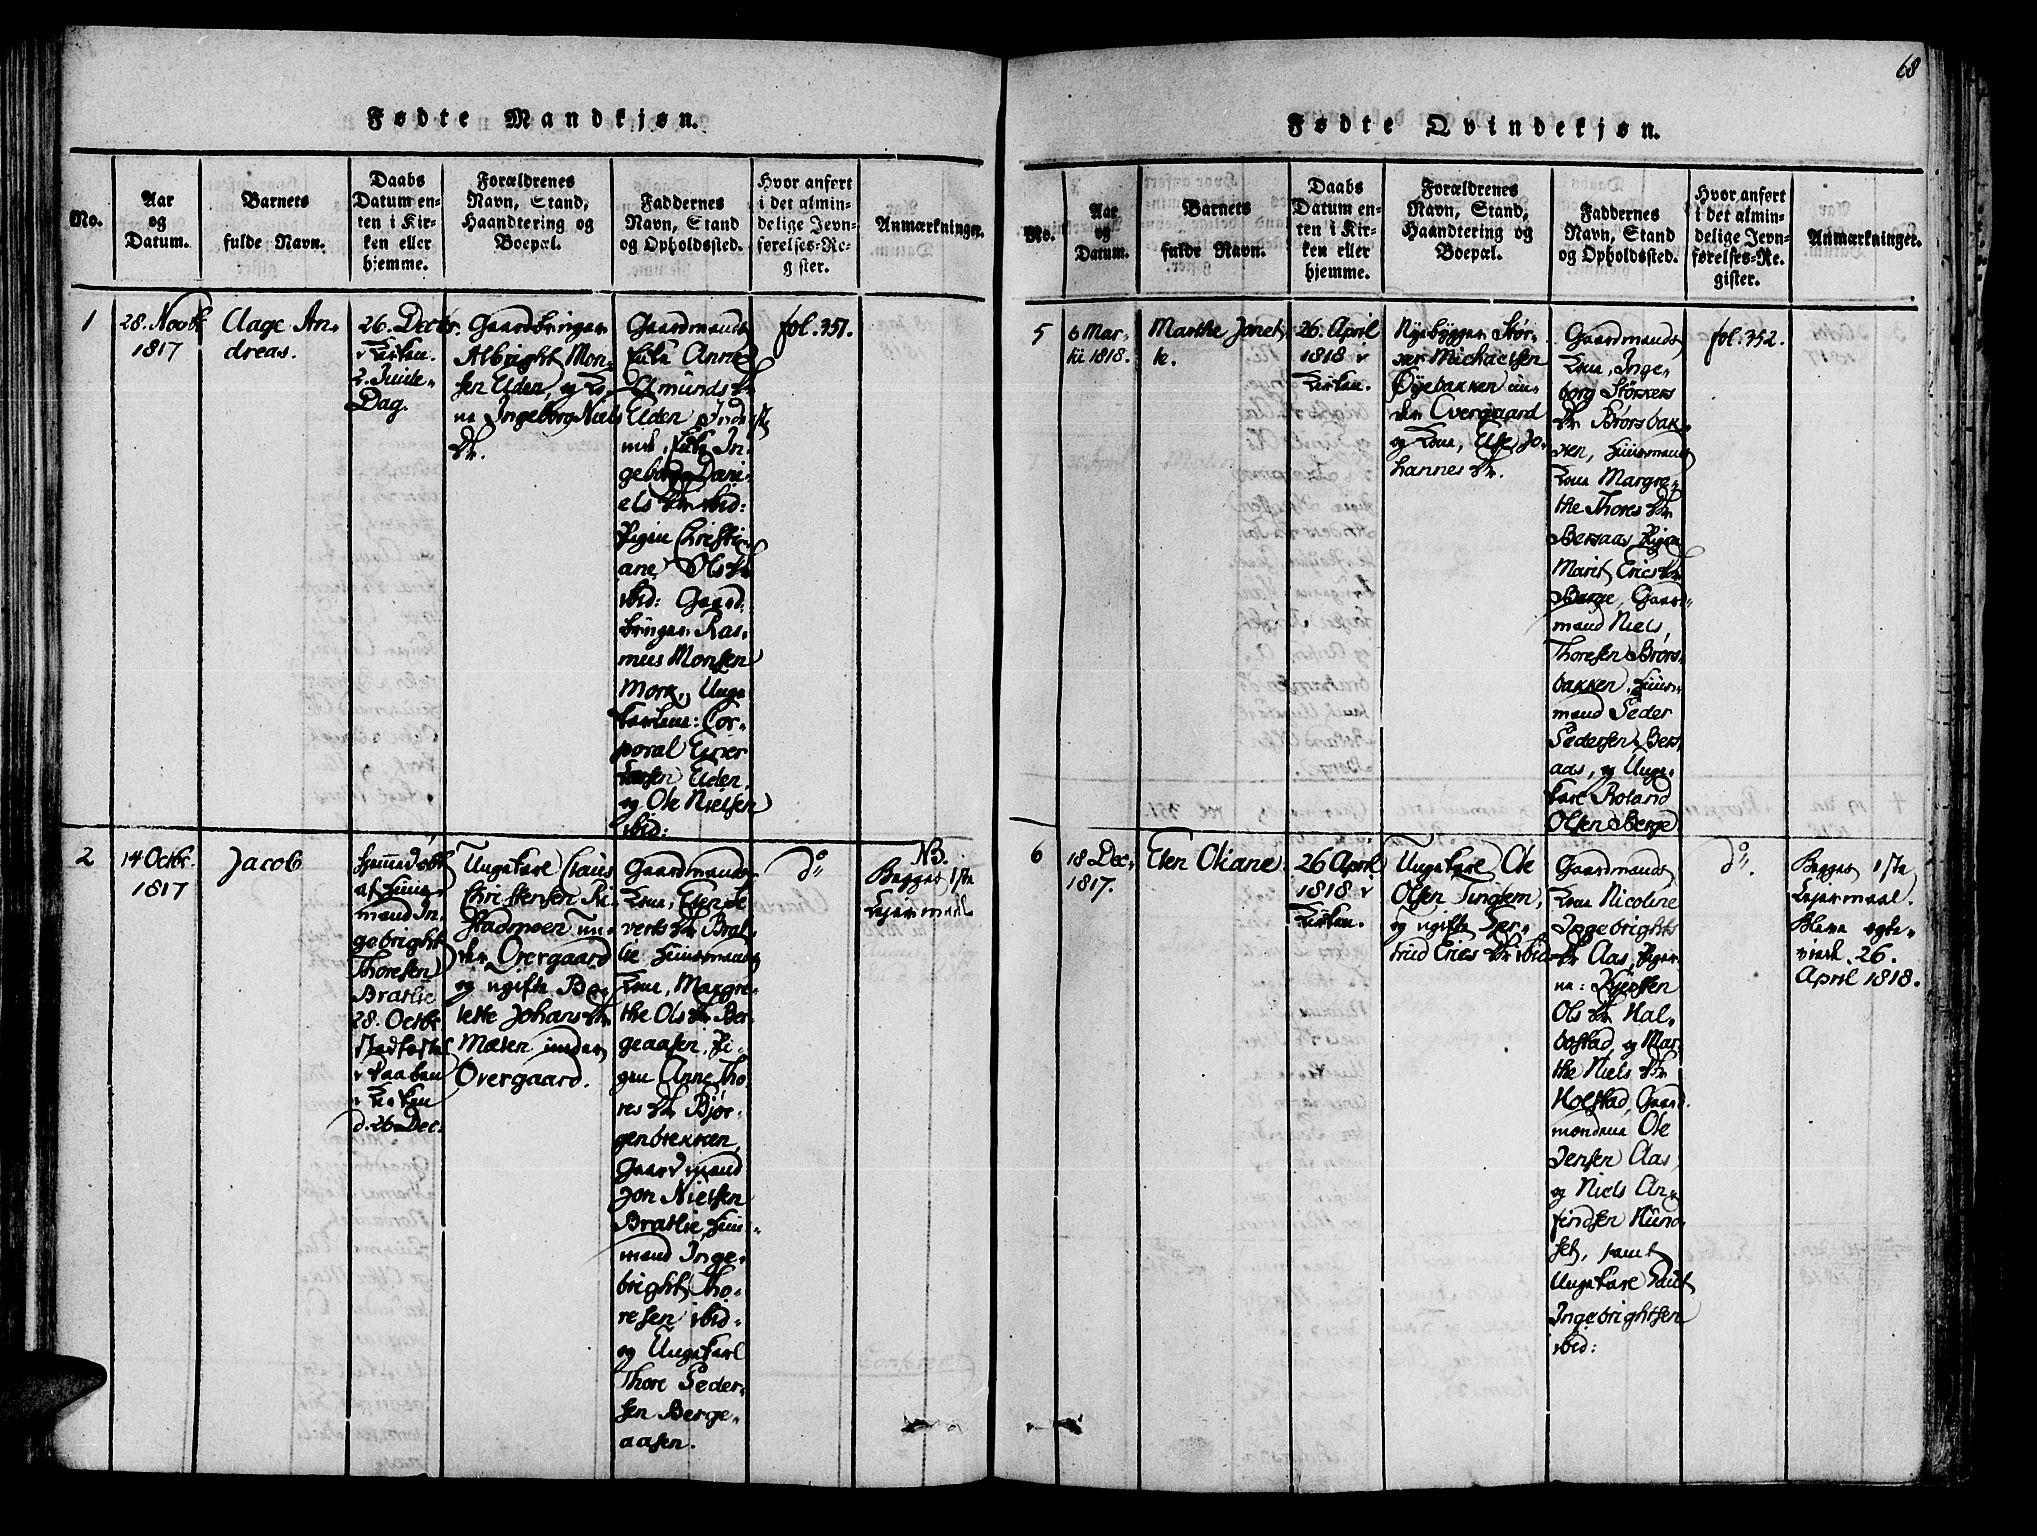 SAT, Ministerialprotokoller, klokkerbøker og fødselsregistre - Nord-Trøndelag, 741/L0387: Ministerialbok nr. 741A03 /3, 1817-1822, s. 68